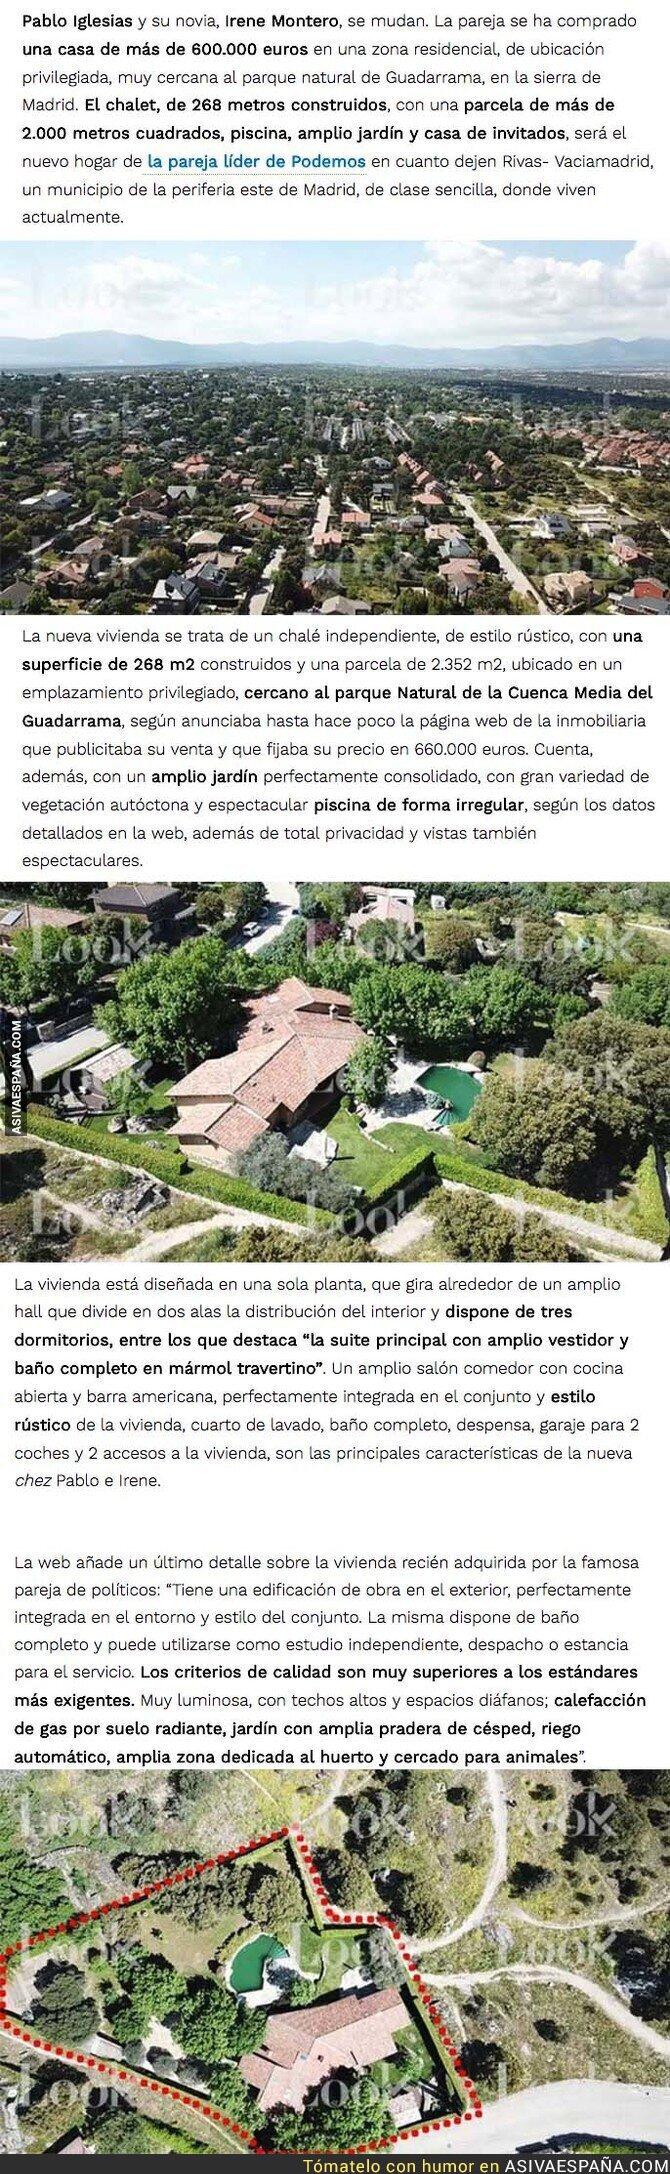 86903 - Pablo Iglesias e Irene Montero lucharán contra el capitalismo desde su nuevo chalet de 600.000€